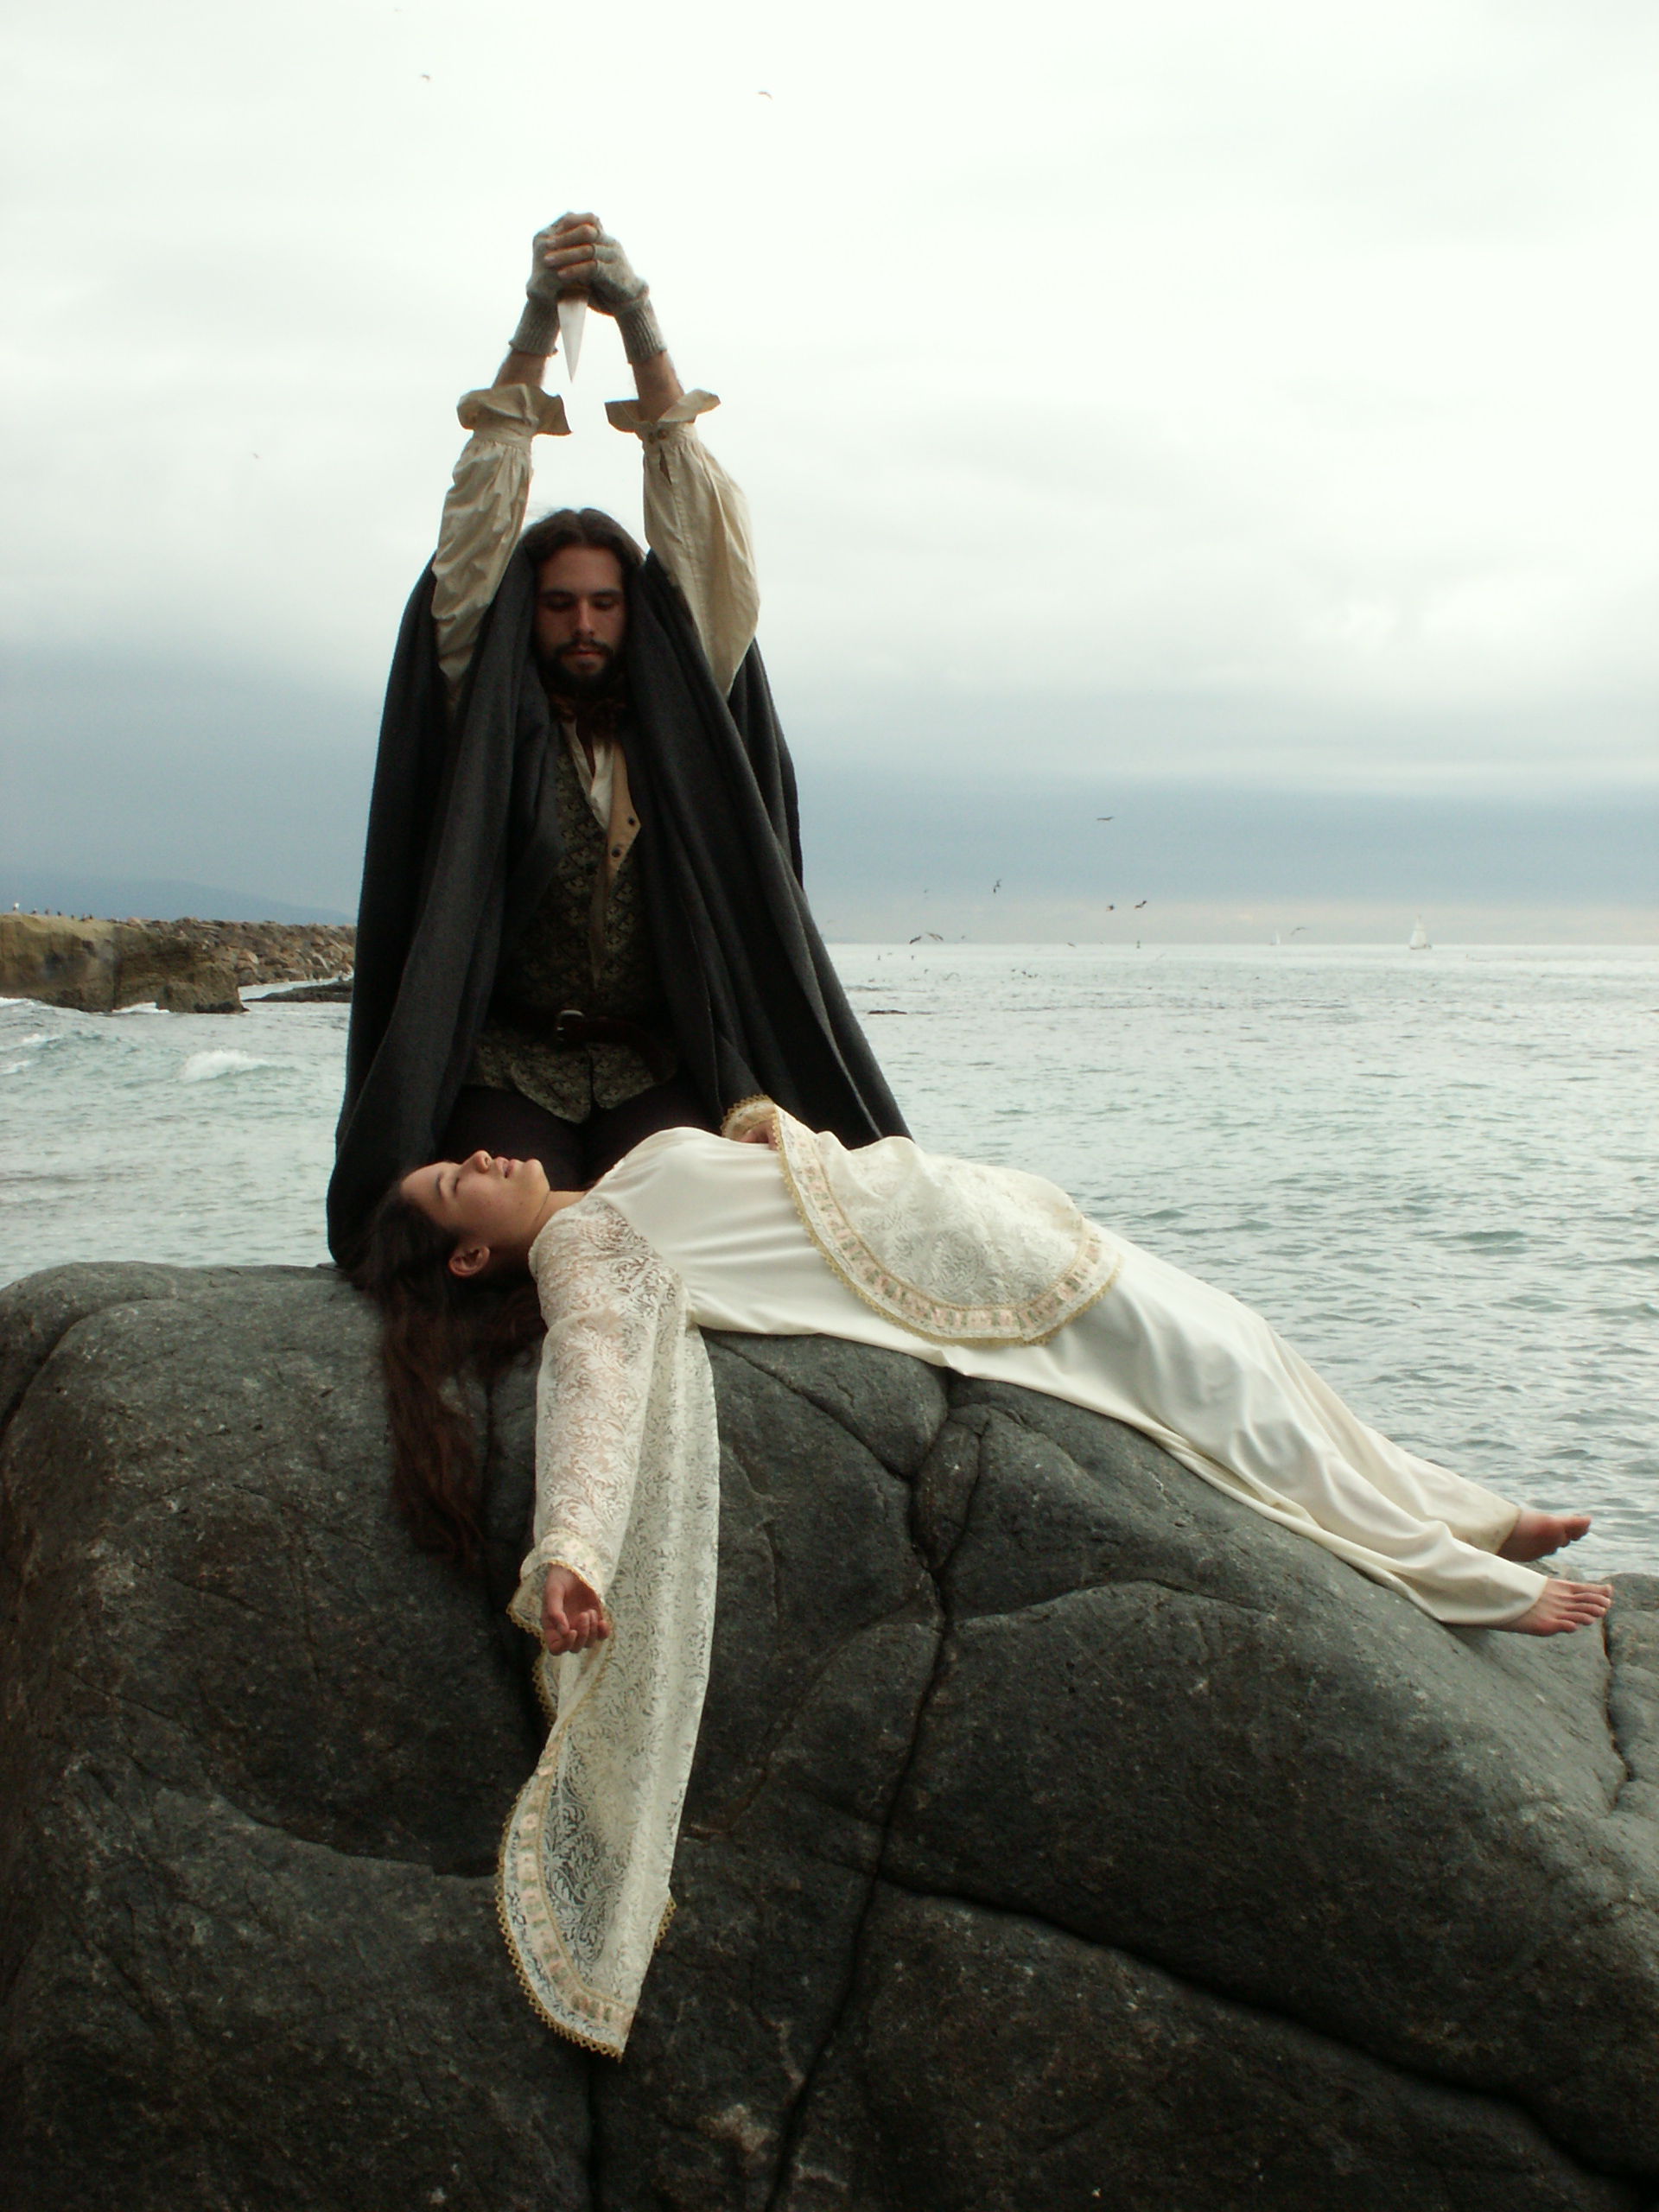 The Sacrifice 6 by AilinStock